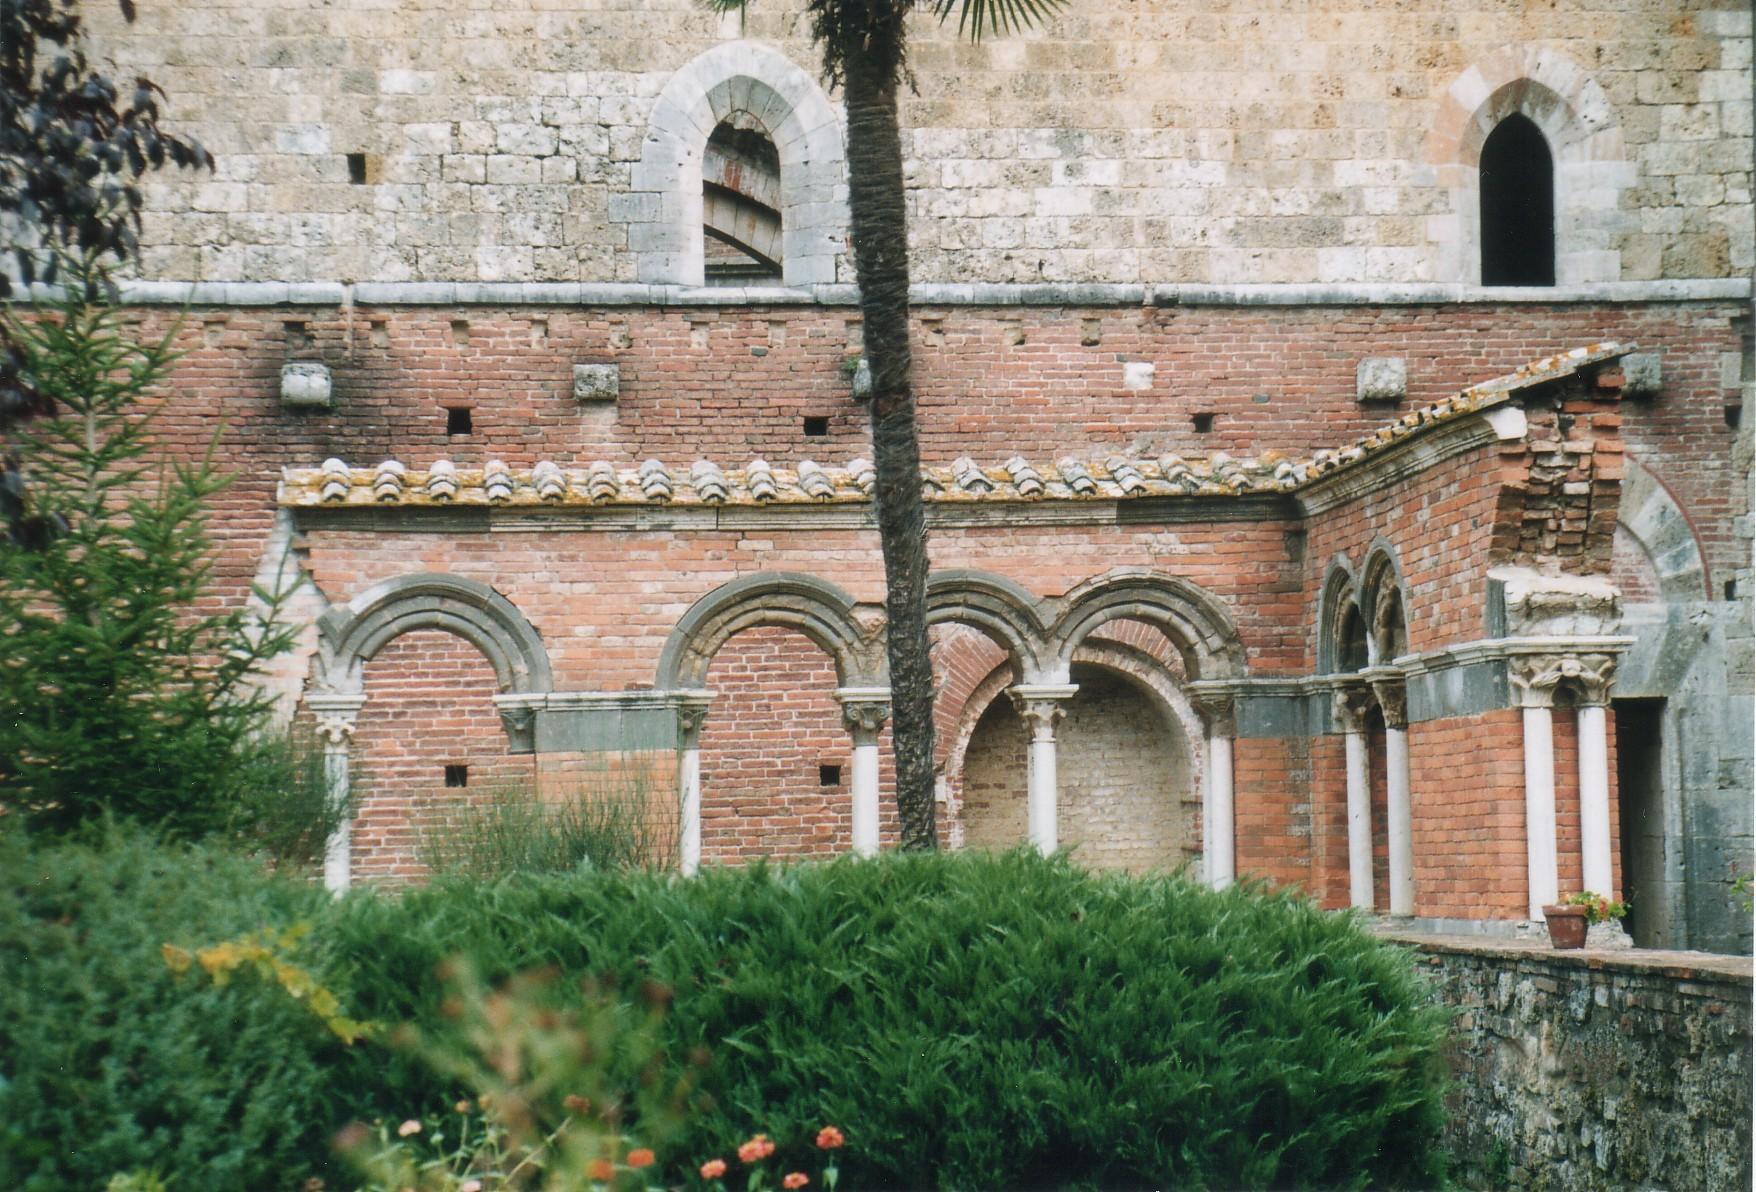 La sezione ricostruita del chiostro